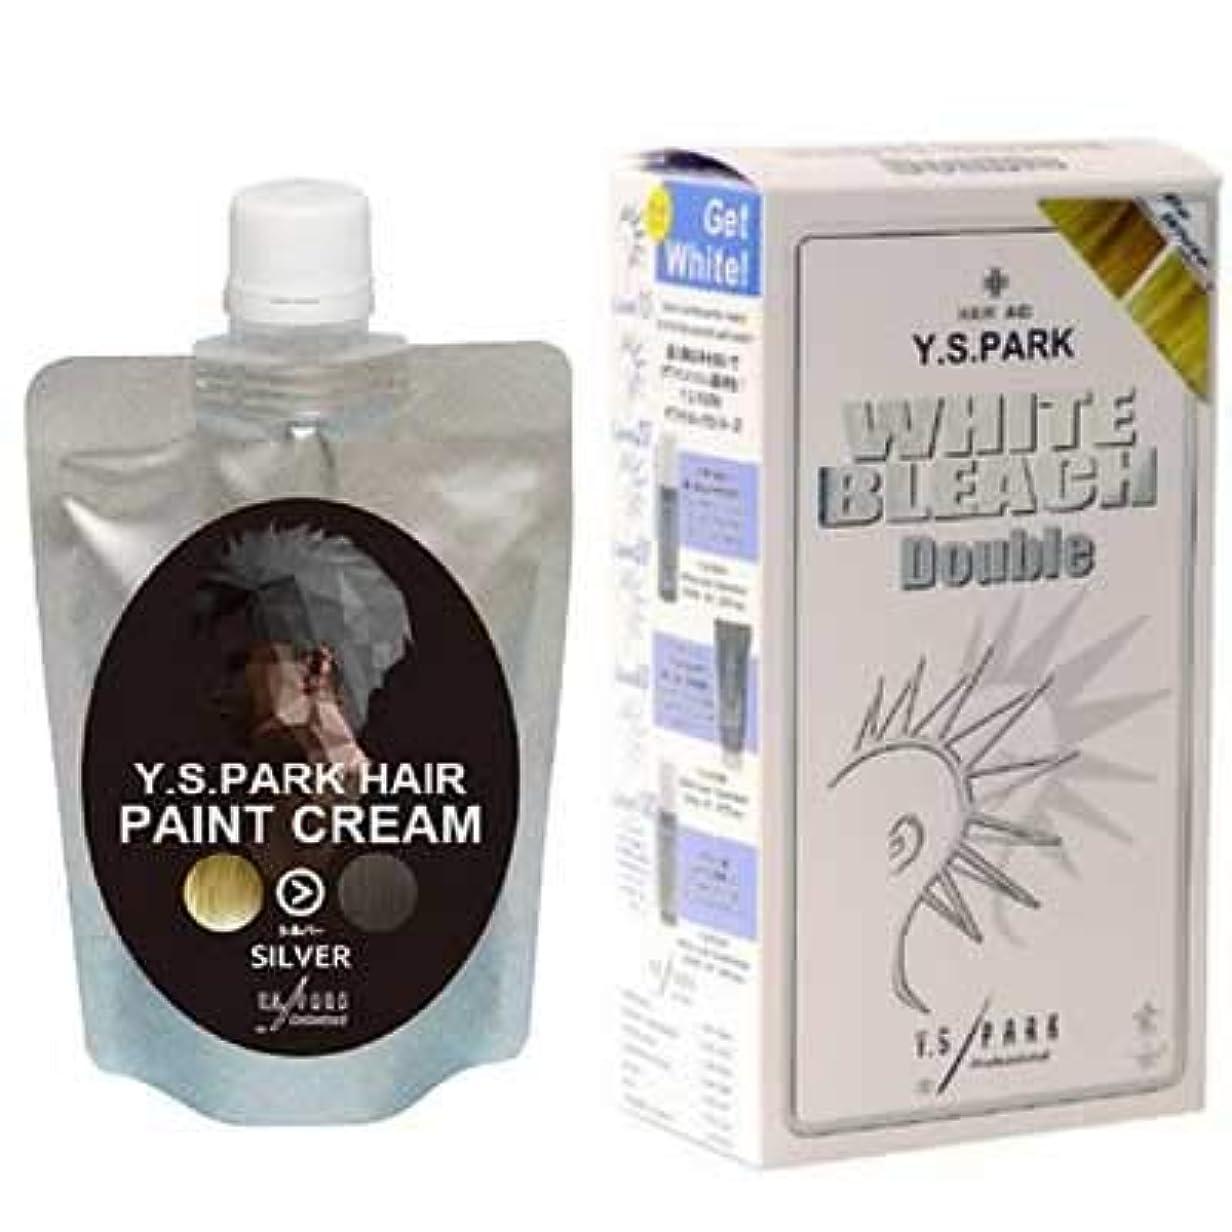 葉ページポーチY.S.PARKヘアペイントクリーム シルバー 200g & Y.S.パーク ホワイトブリーチ ダブルセット